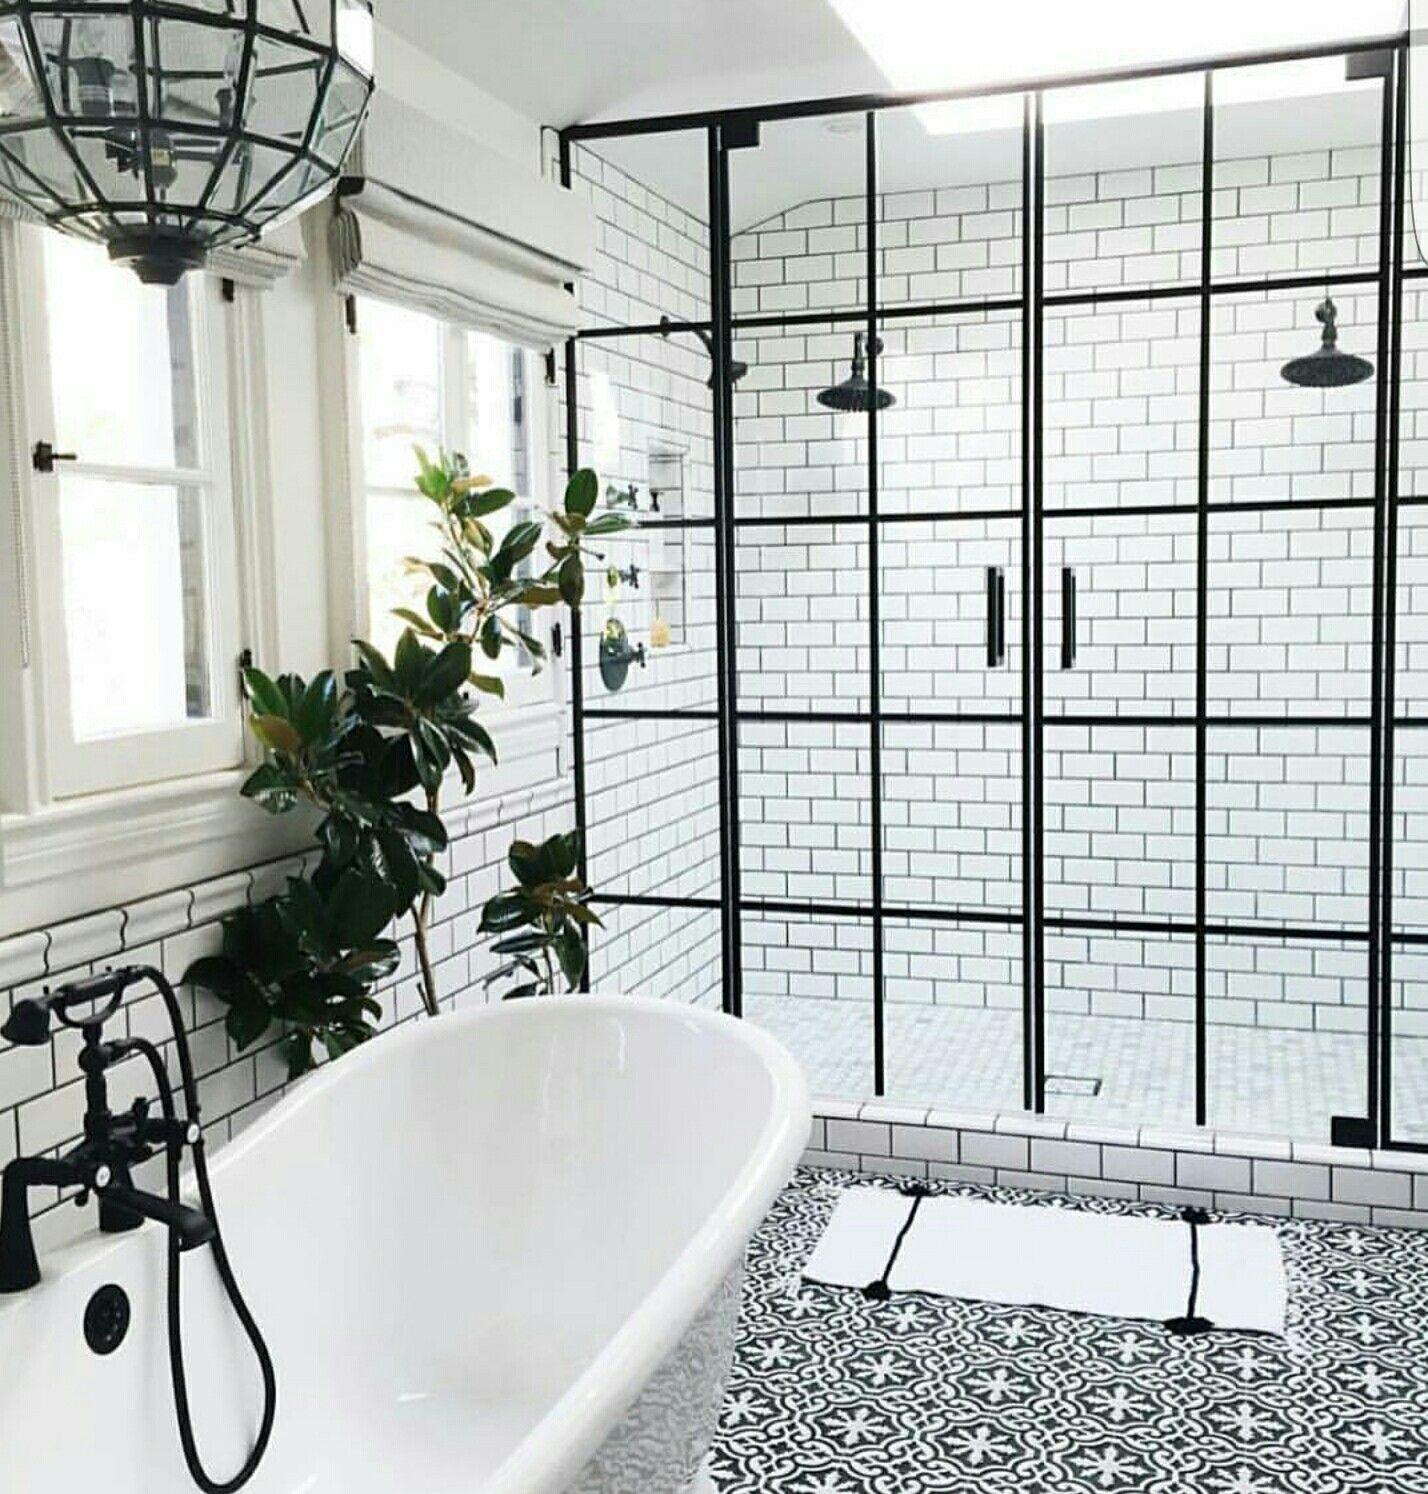 Two shower heads and door design new place pinterest door